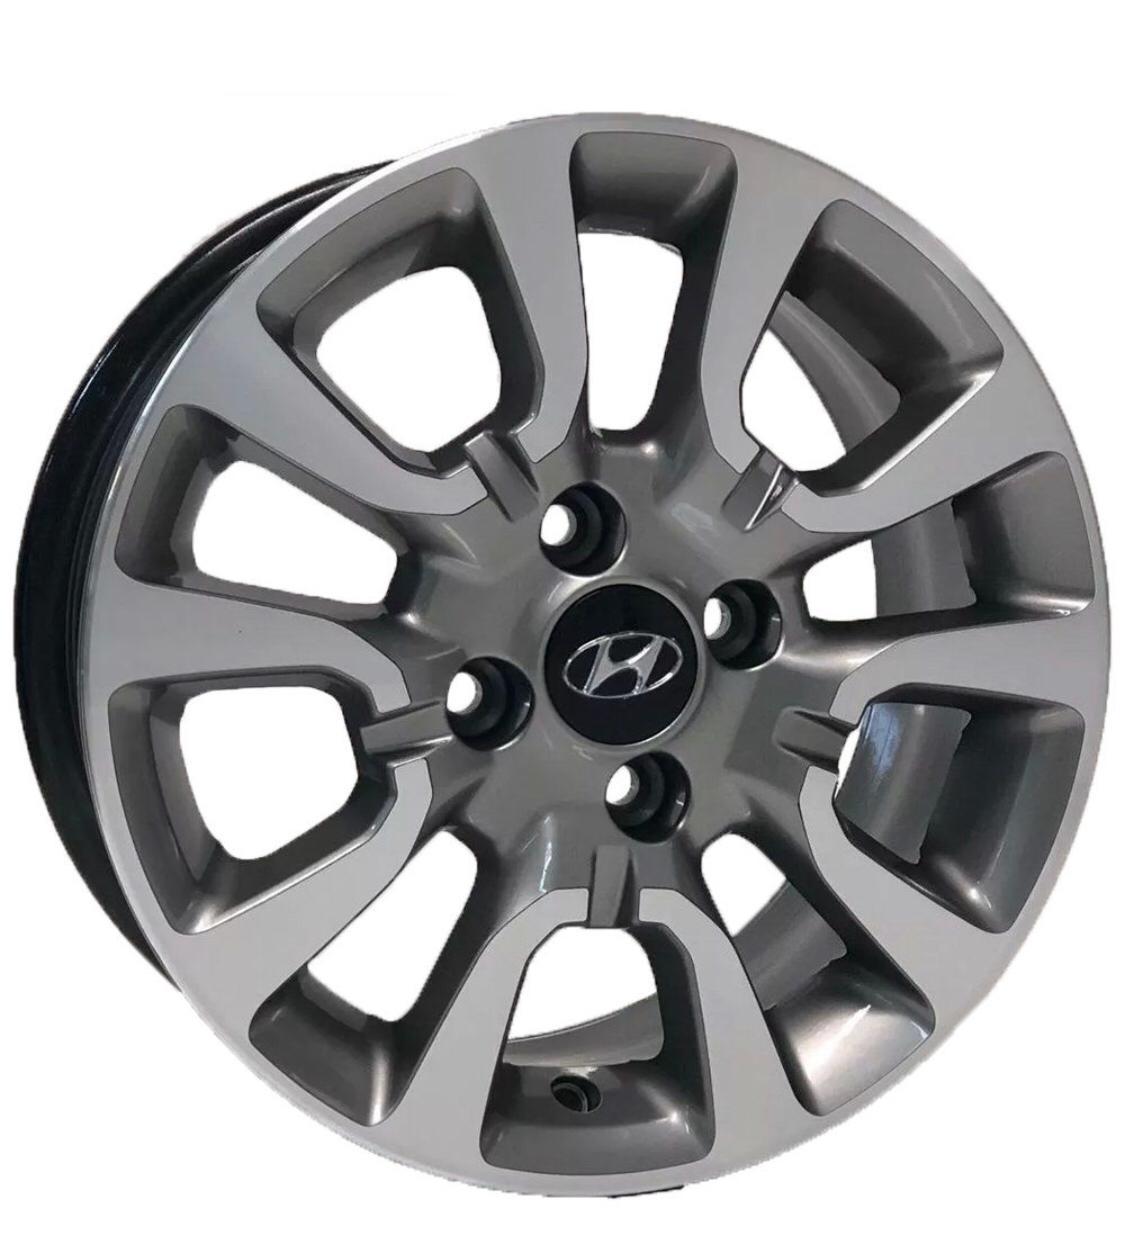 Kit 4 Rodas Aro 15x6 Hyundai HB20 4x100 GD Krmai S06